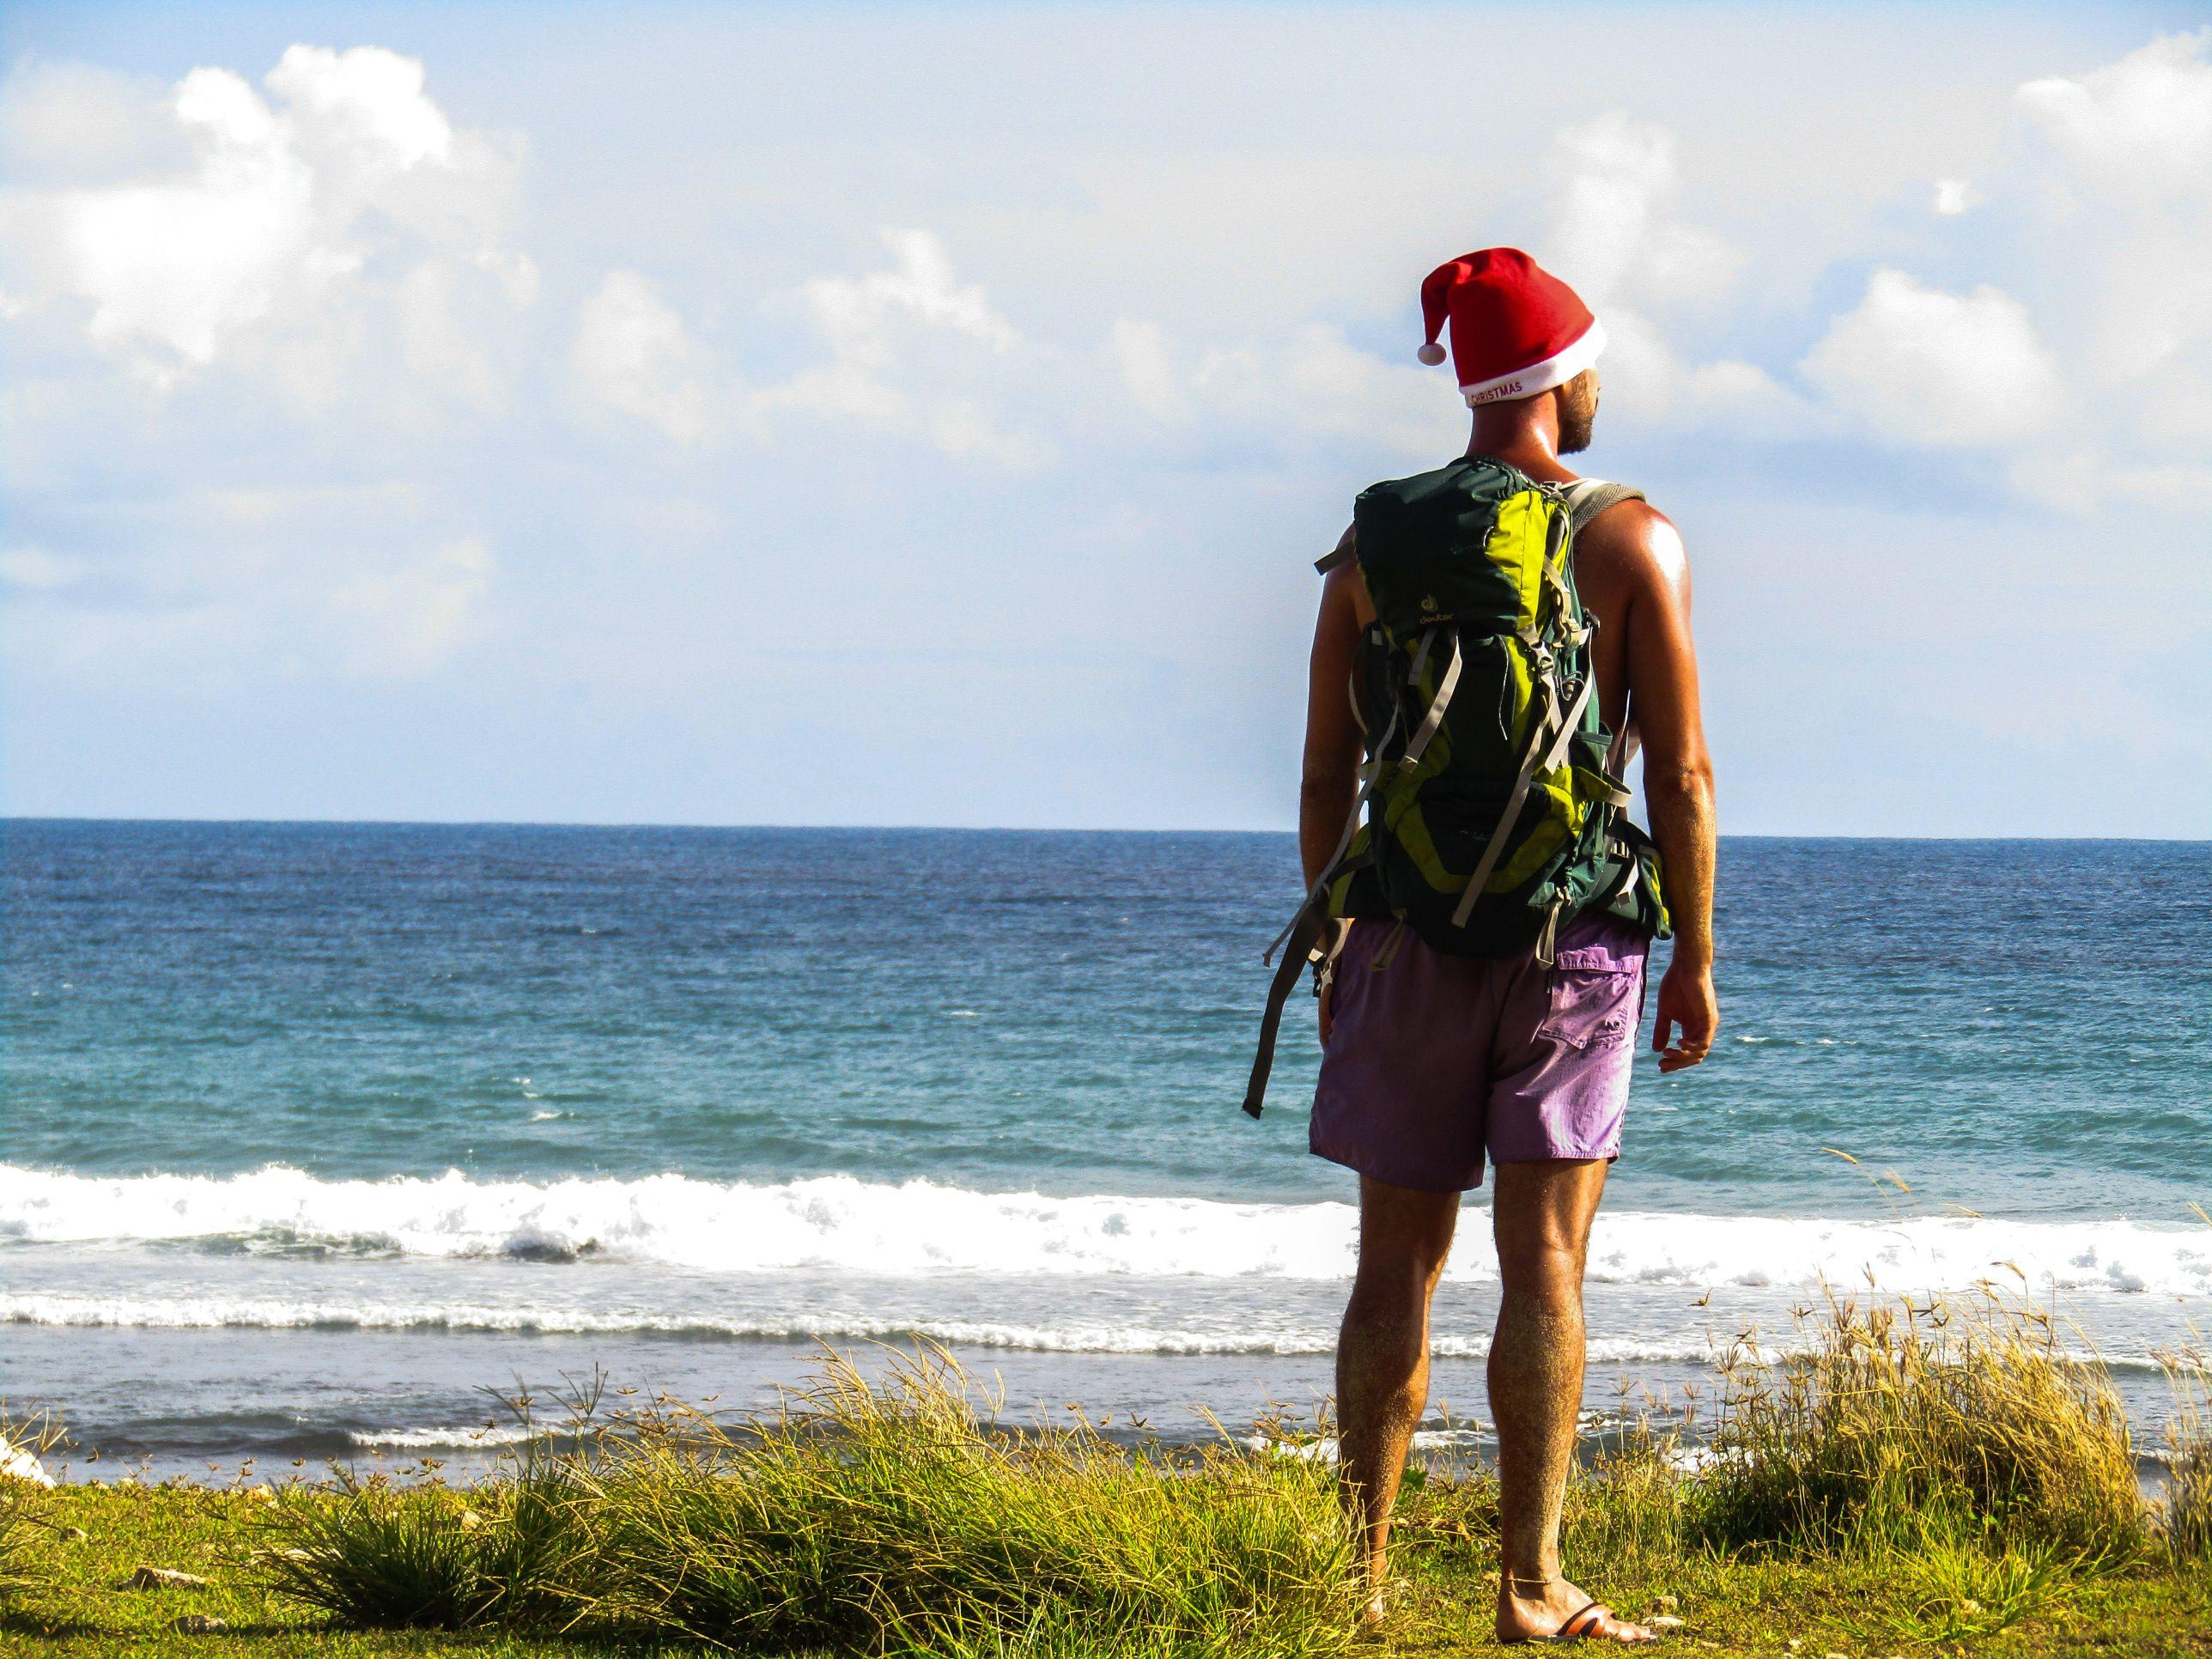 Geschenke Für Backpacker  Die 10 besten Geschenke für Backpacker • traveltechie